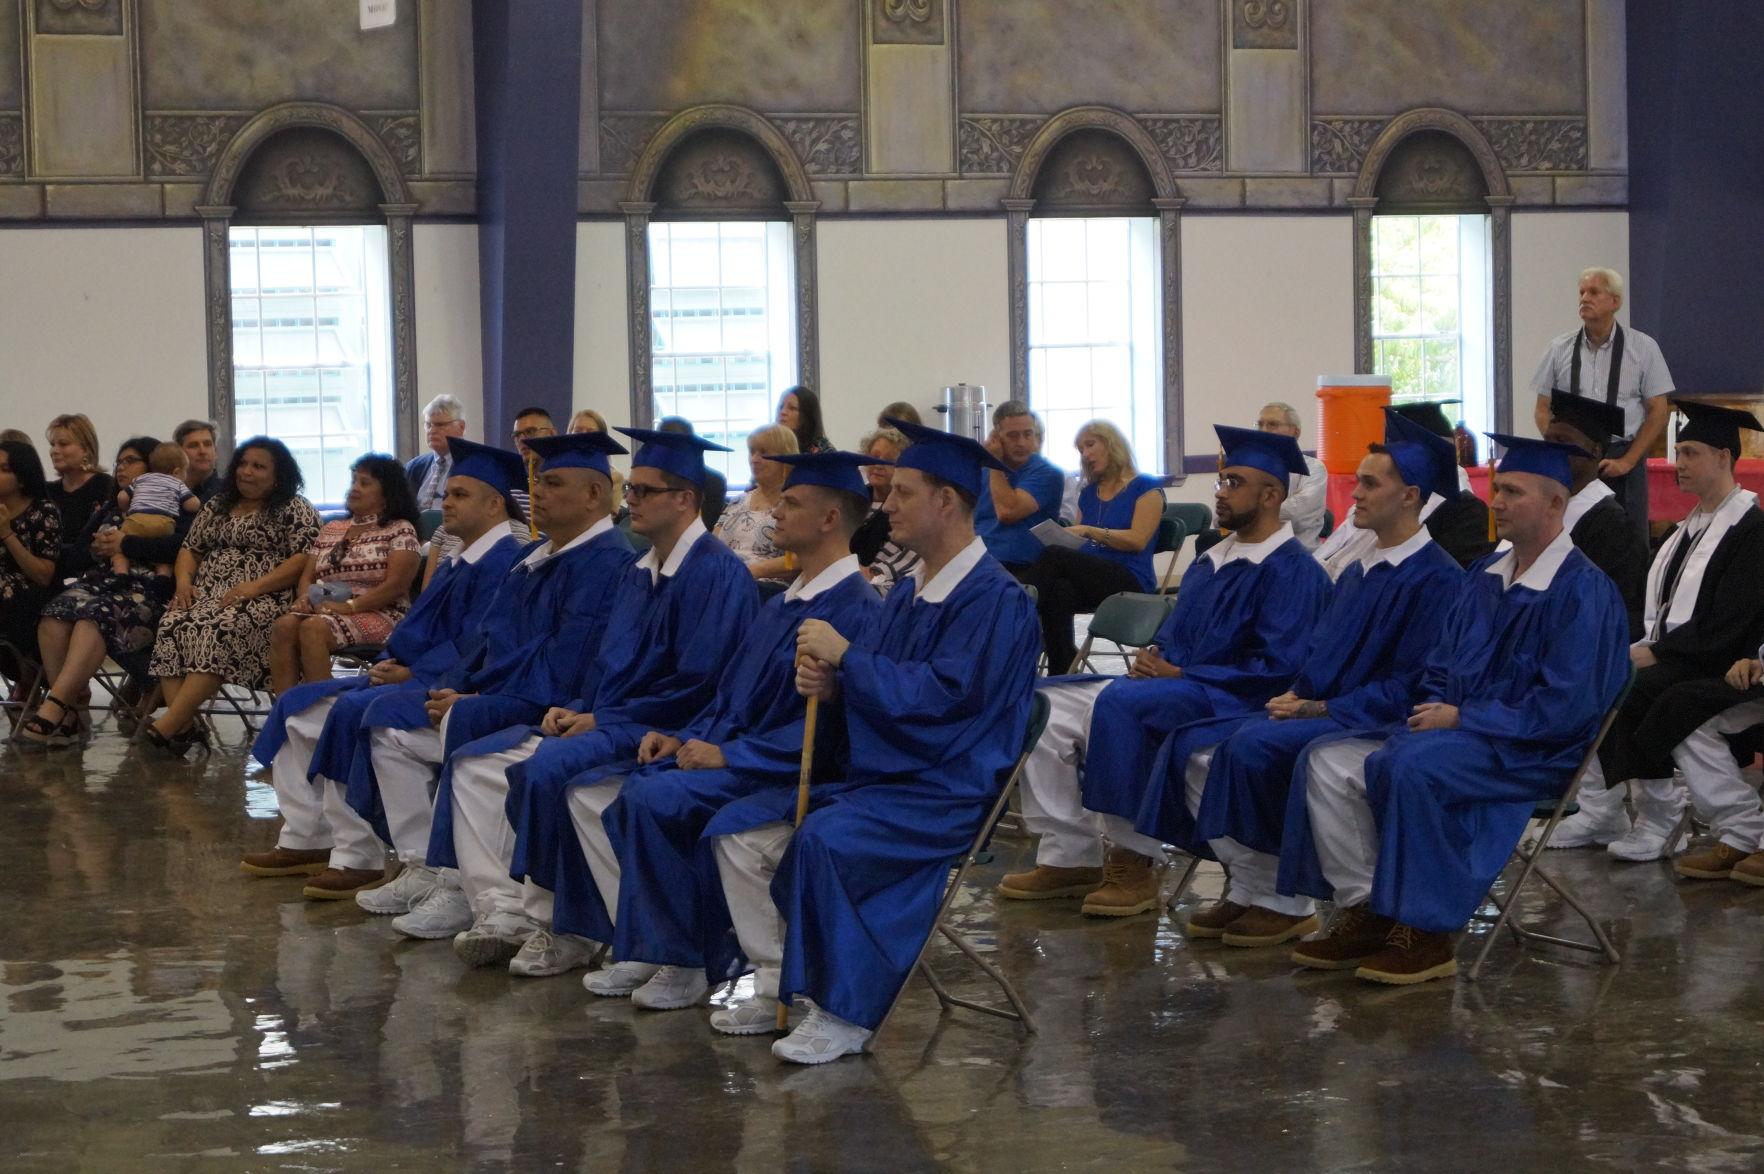 Prison grad Graduates.jpg